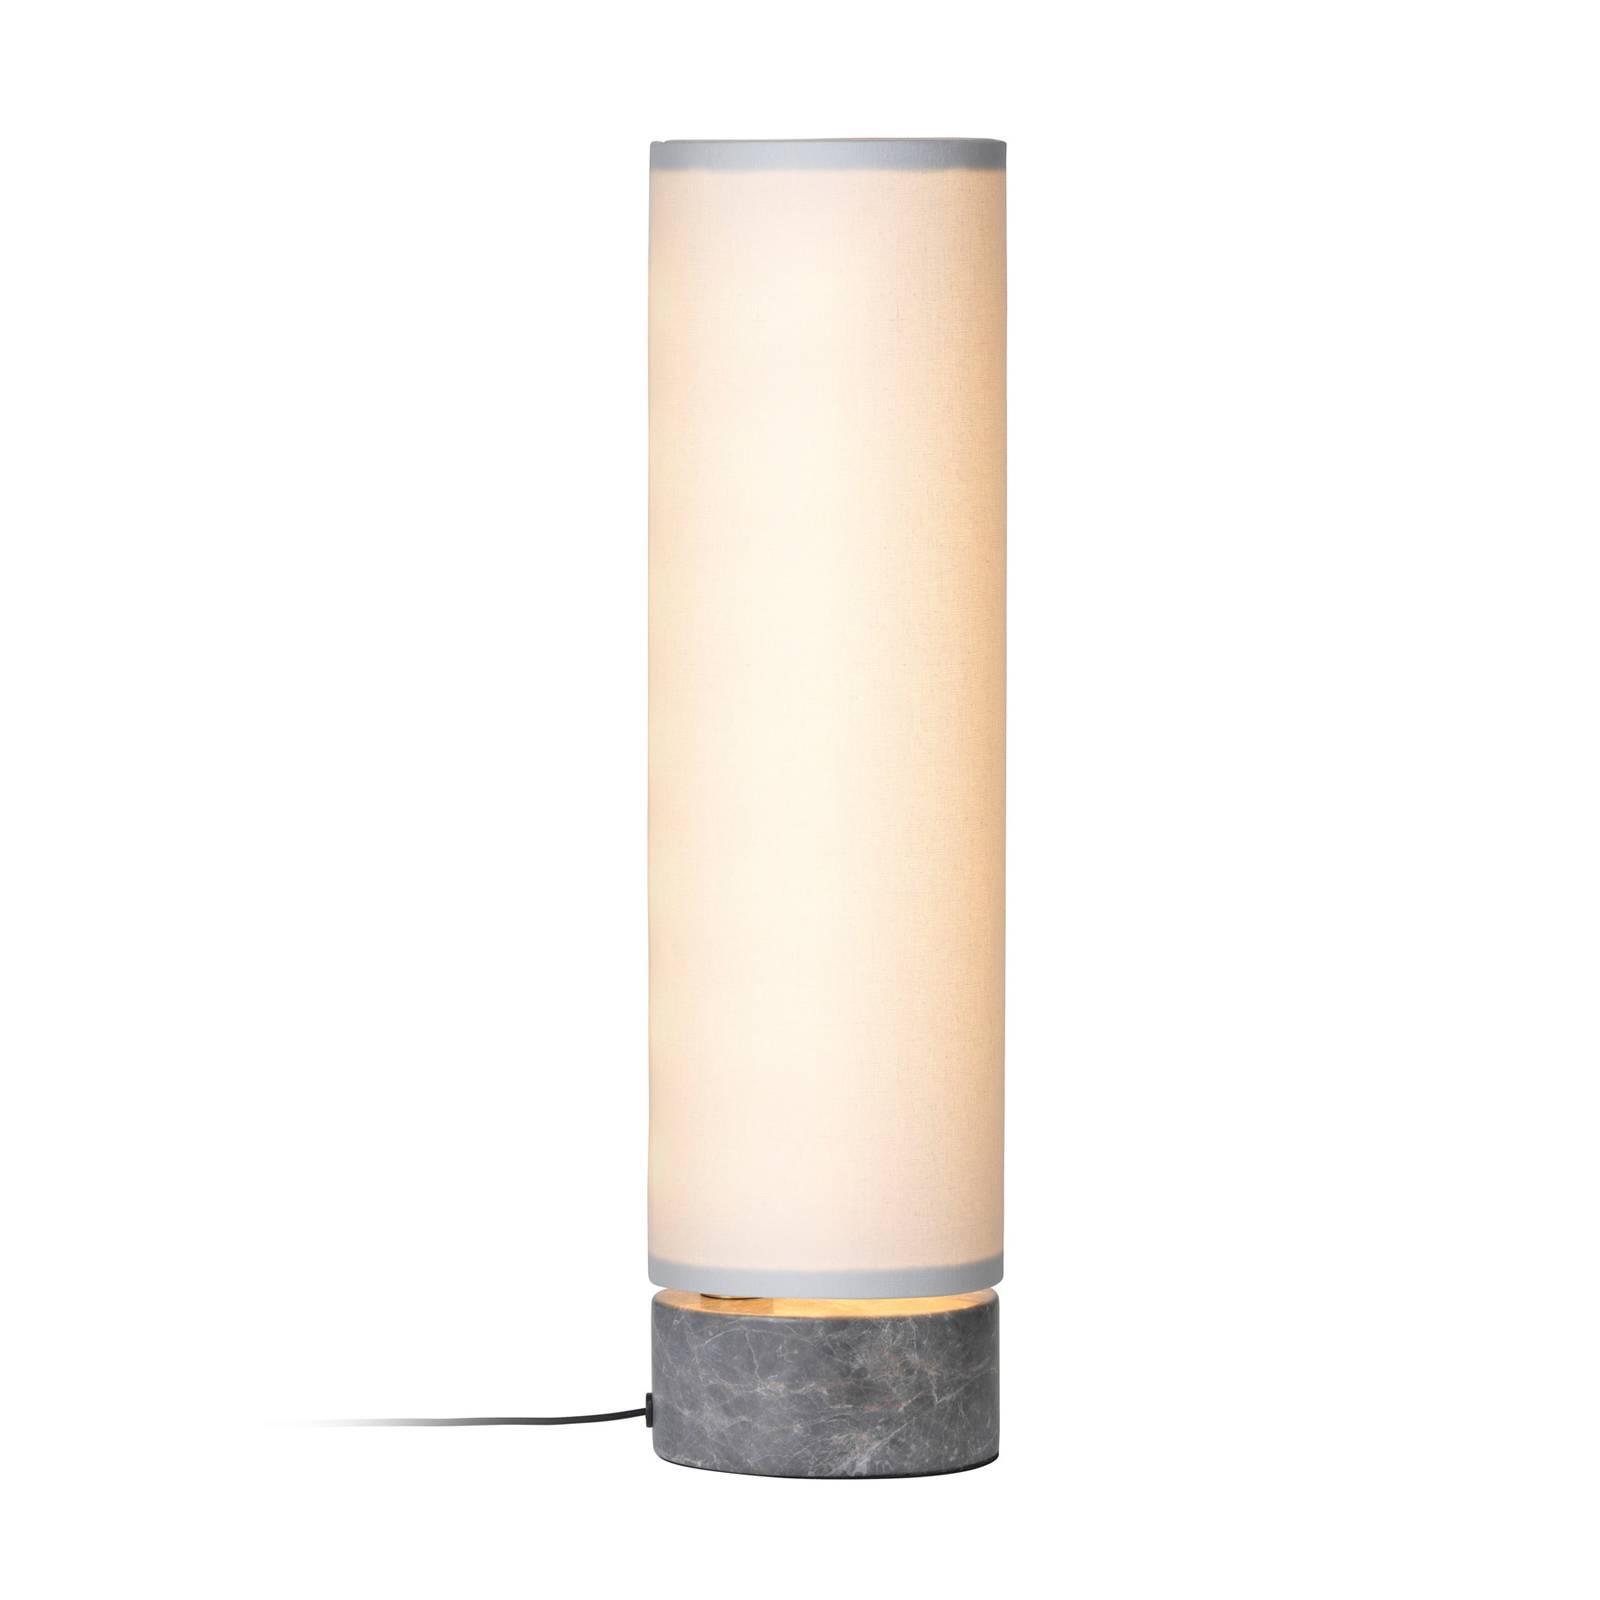 GUBI Unbound LED-Tischlampe weiß günstig online kaufen